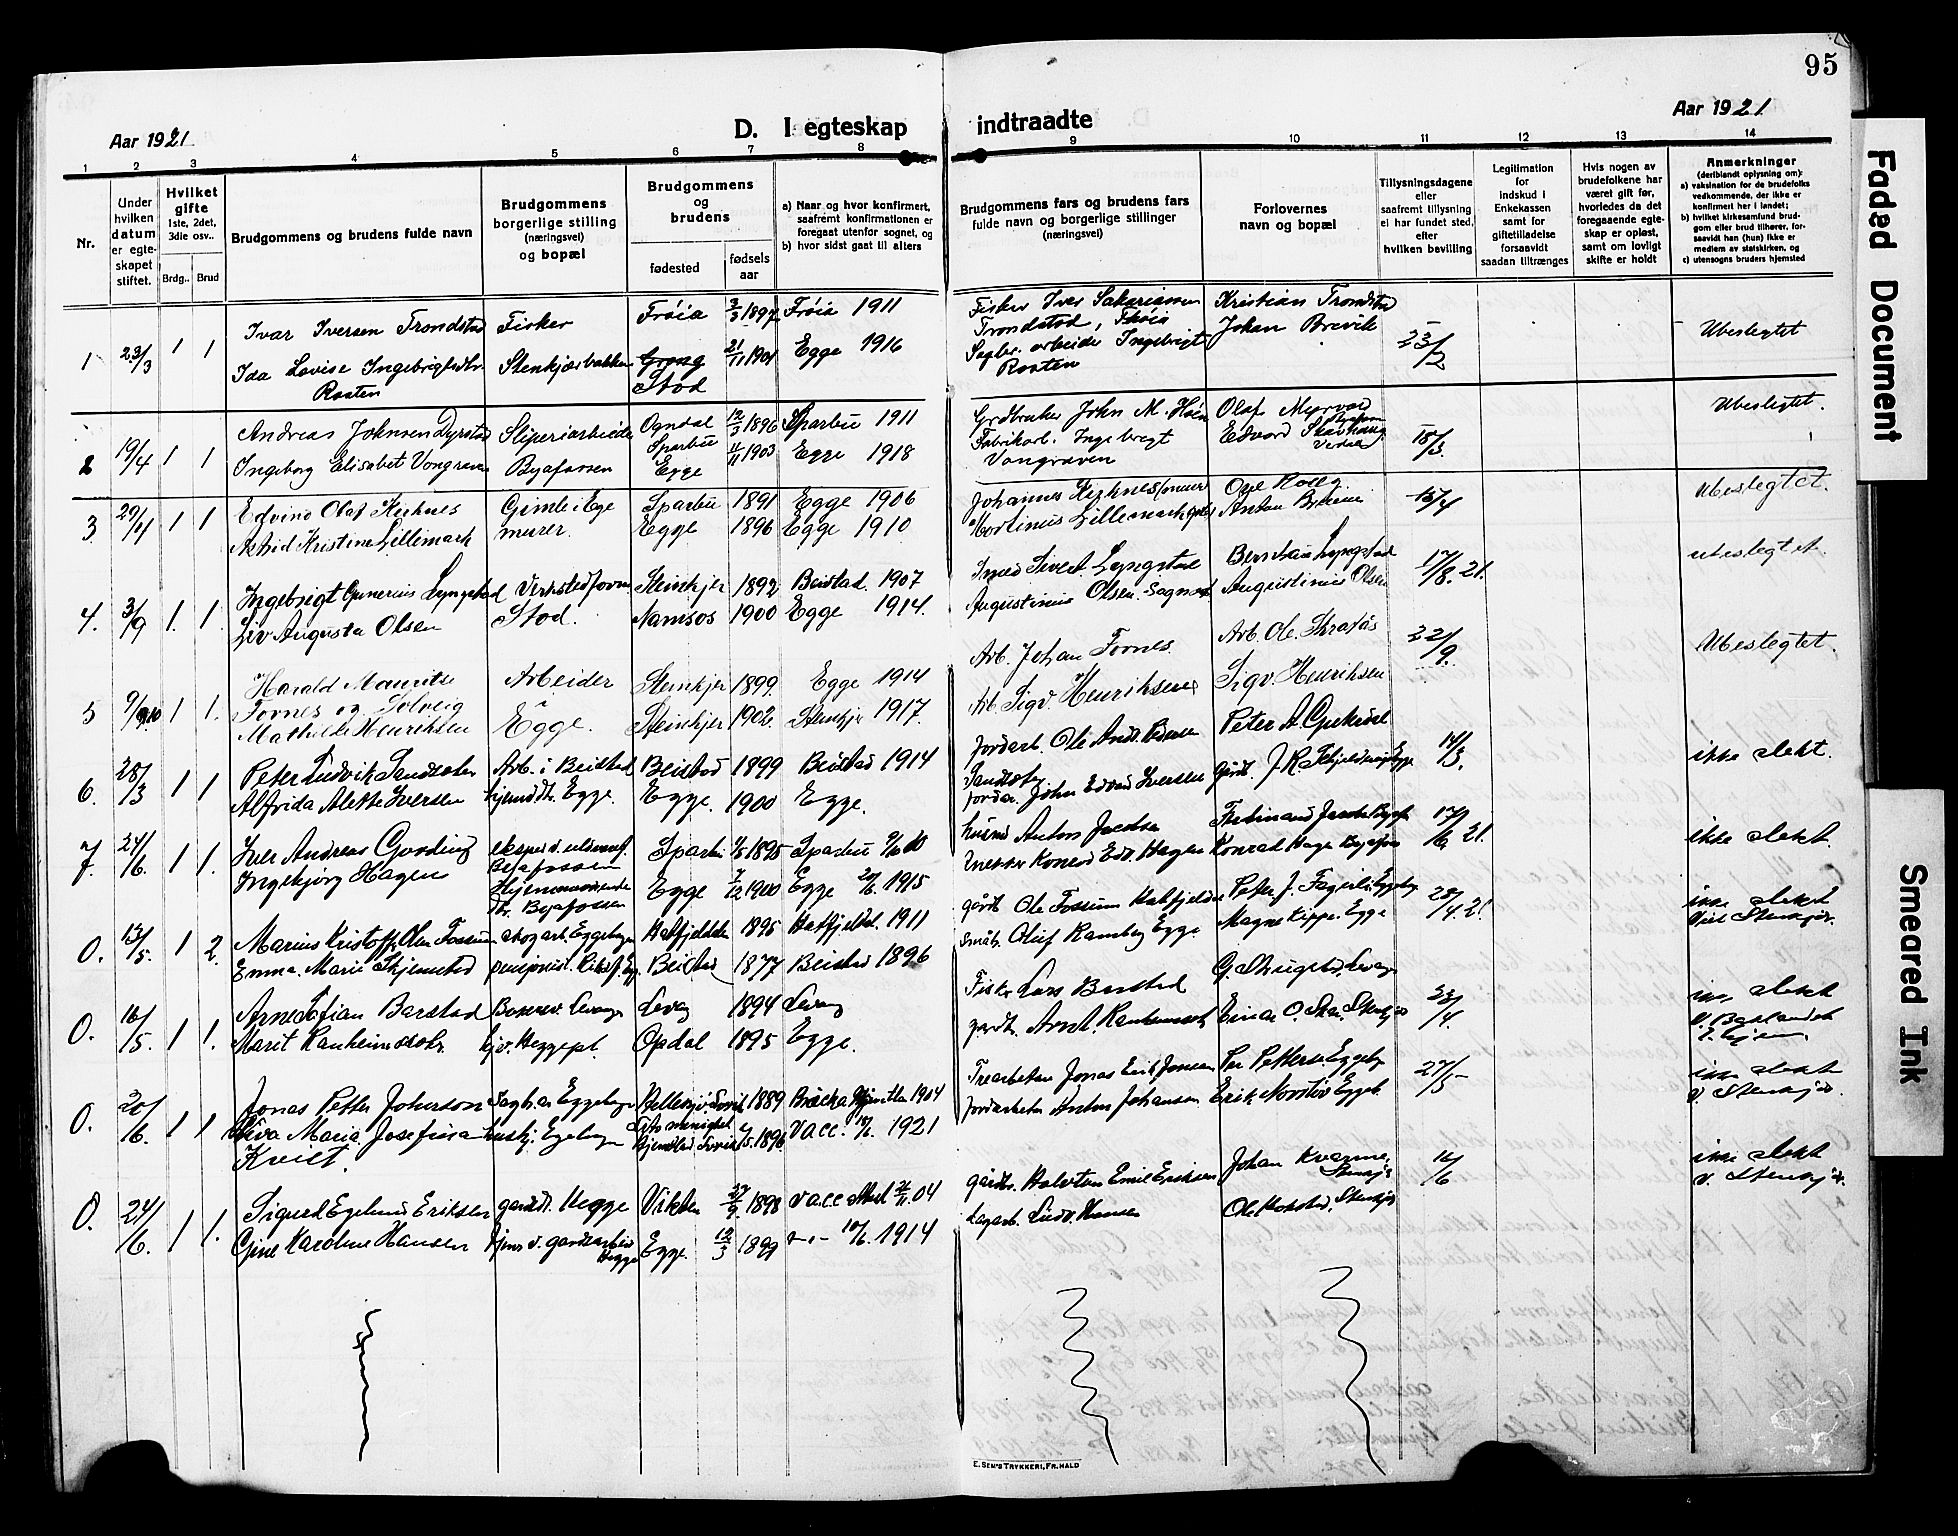 SAT, Ministerialprotokoller, klokkerbøker og fødselsregistre - Nord-Trøndelag, 740/L0382: Klokkerbok nr. 740C03, 1915-1927, s. 95